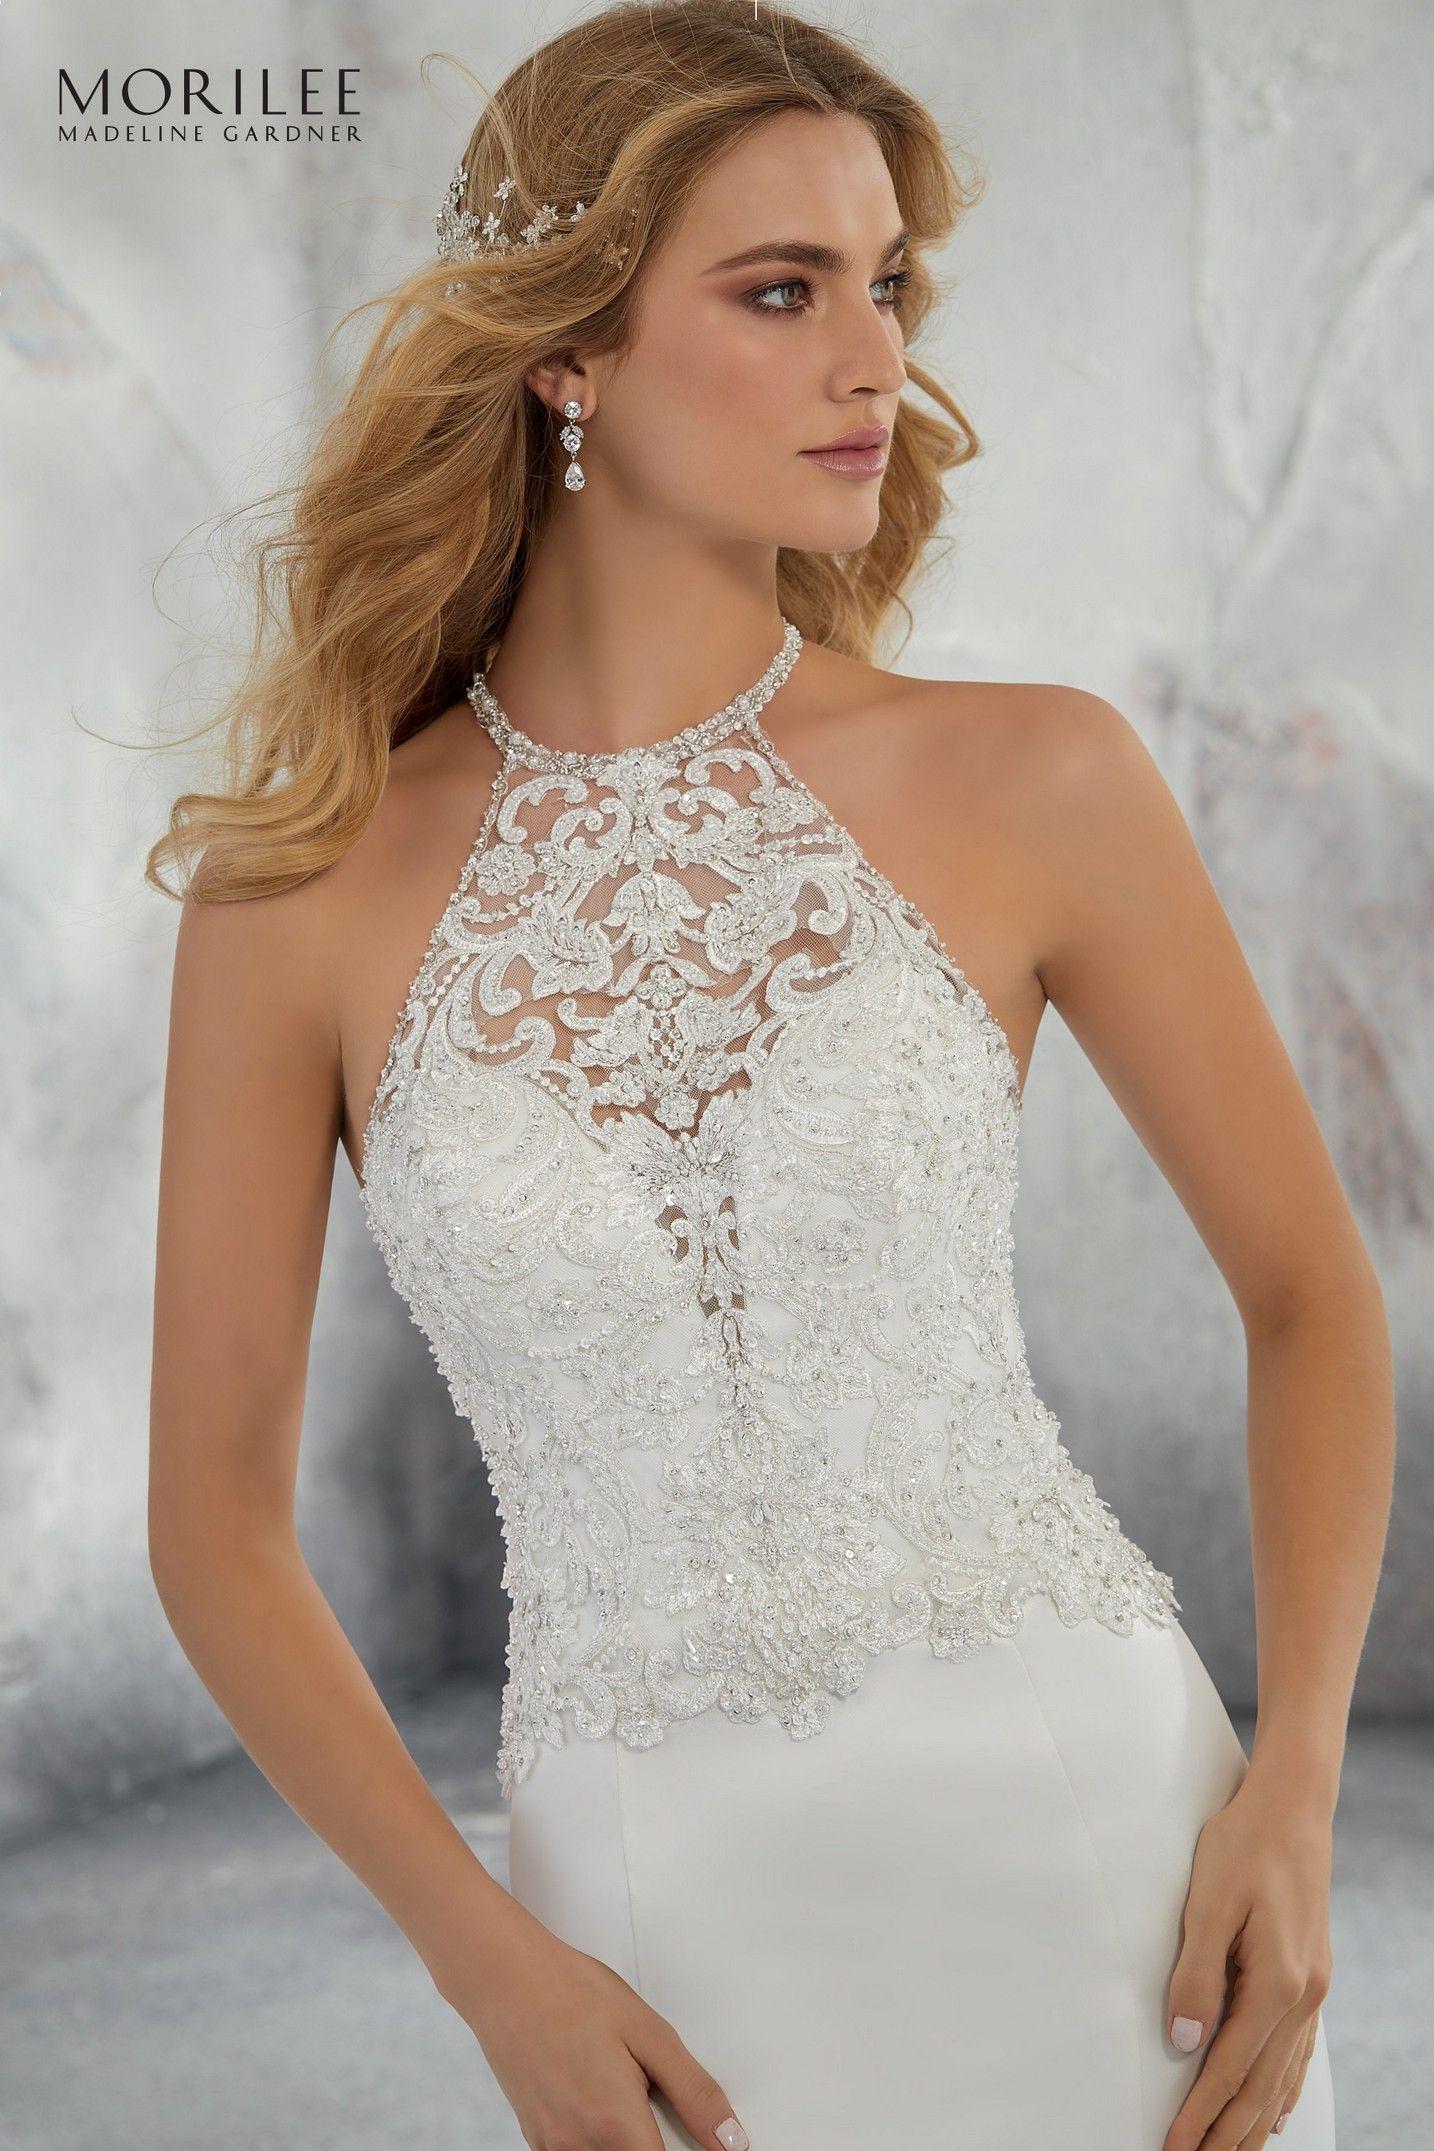 8c7a0b69f3 Lidia Wedding Dress - Morilee UK